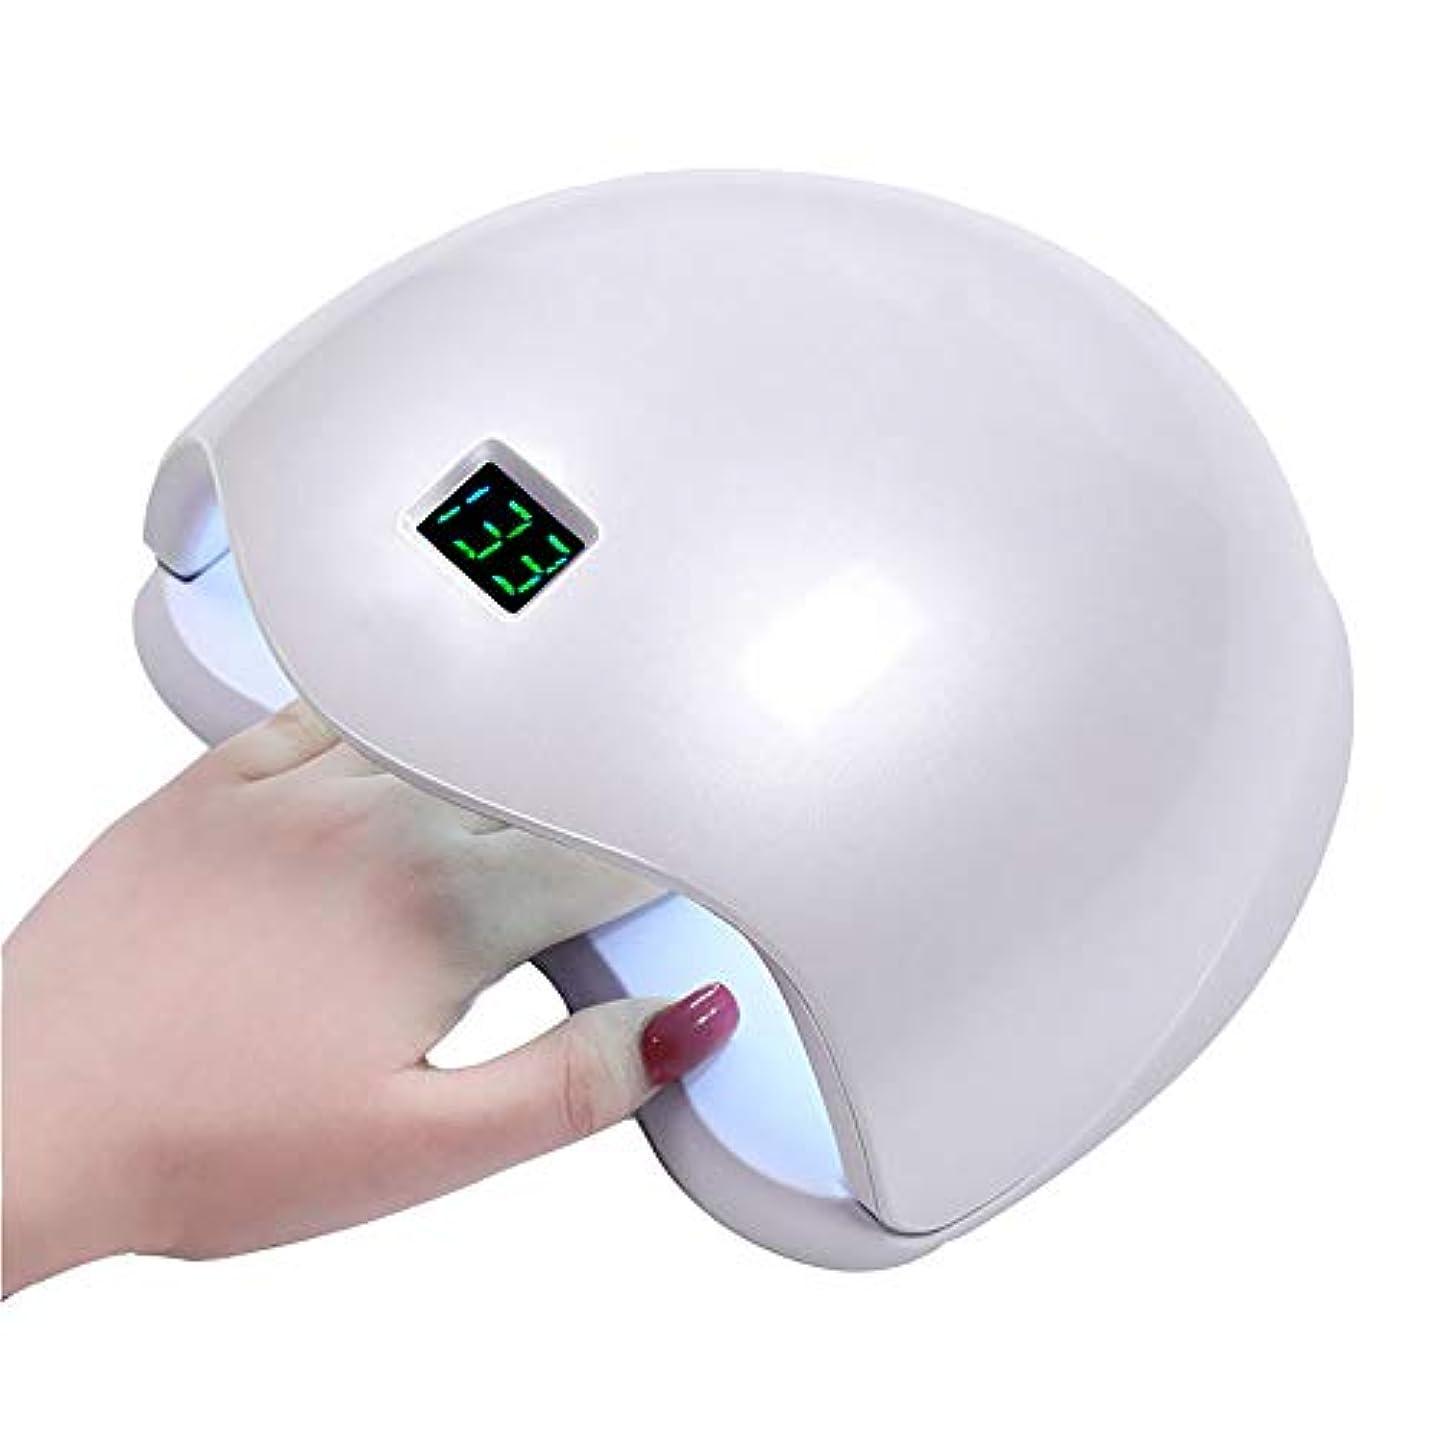 同種のまとめる部族釘のドライヤー - 自動赤外線センサー、二重光源のLEDランプのゲルのドライヤーのマニキュアが付いている紫外線携帯用LEDの釘ランプ